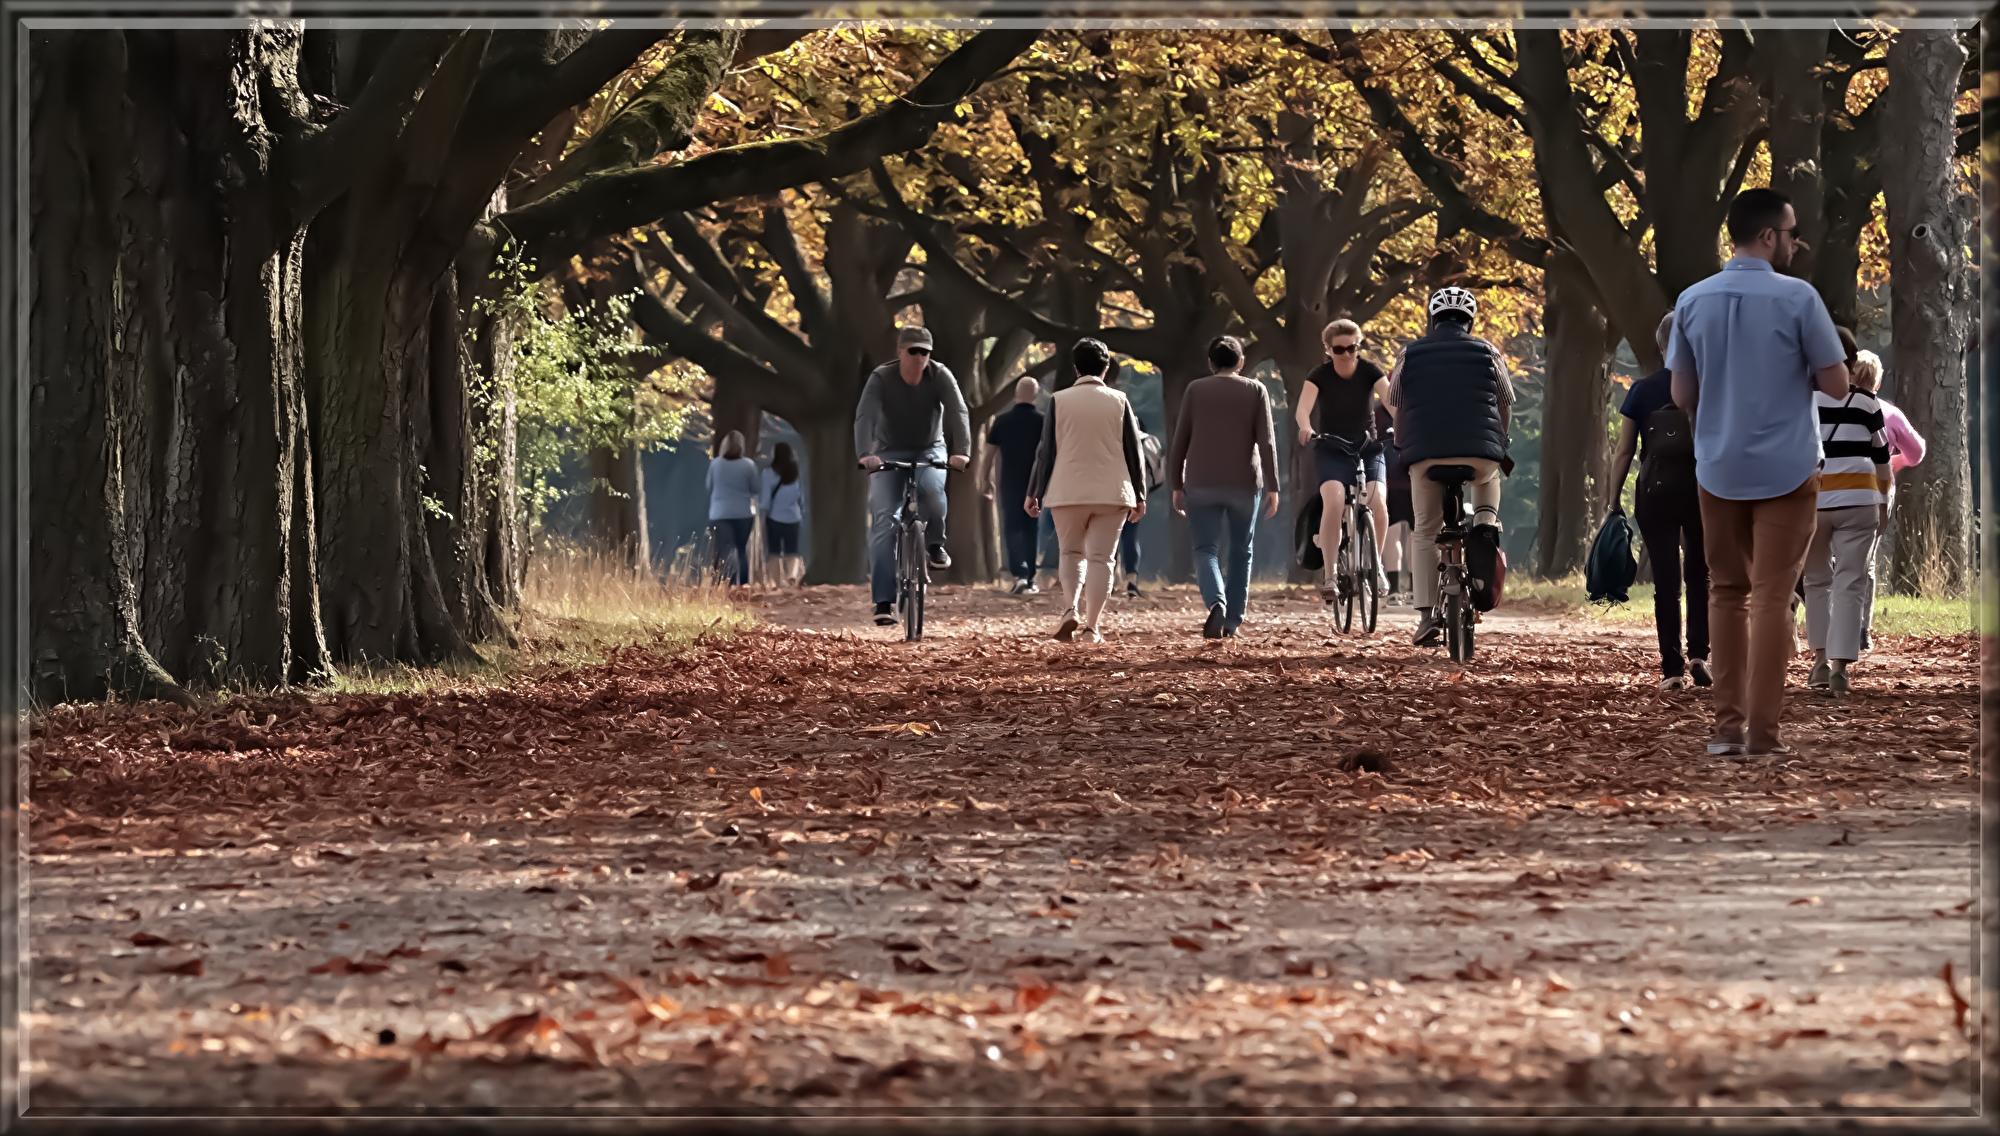 walk-3731094.jpg